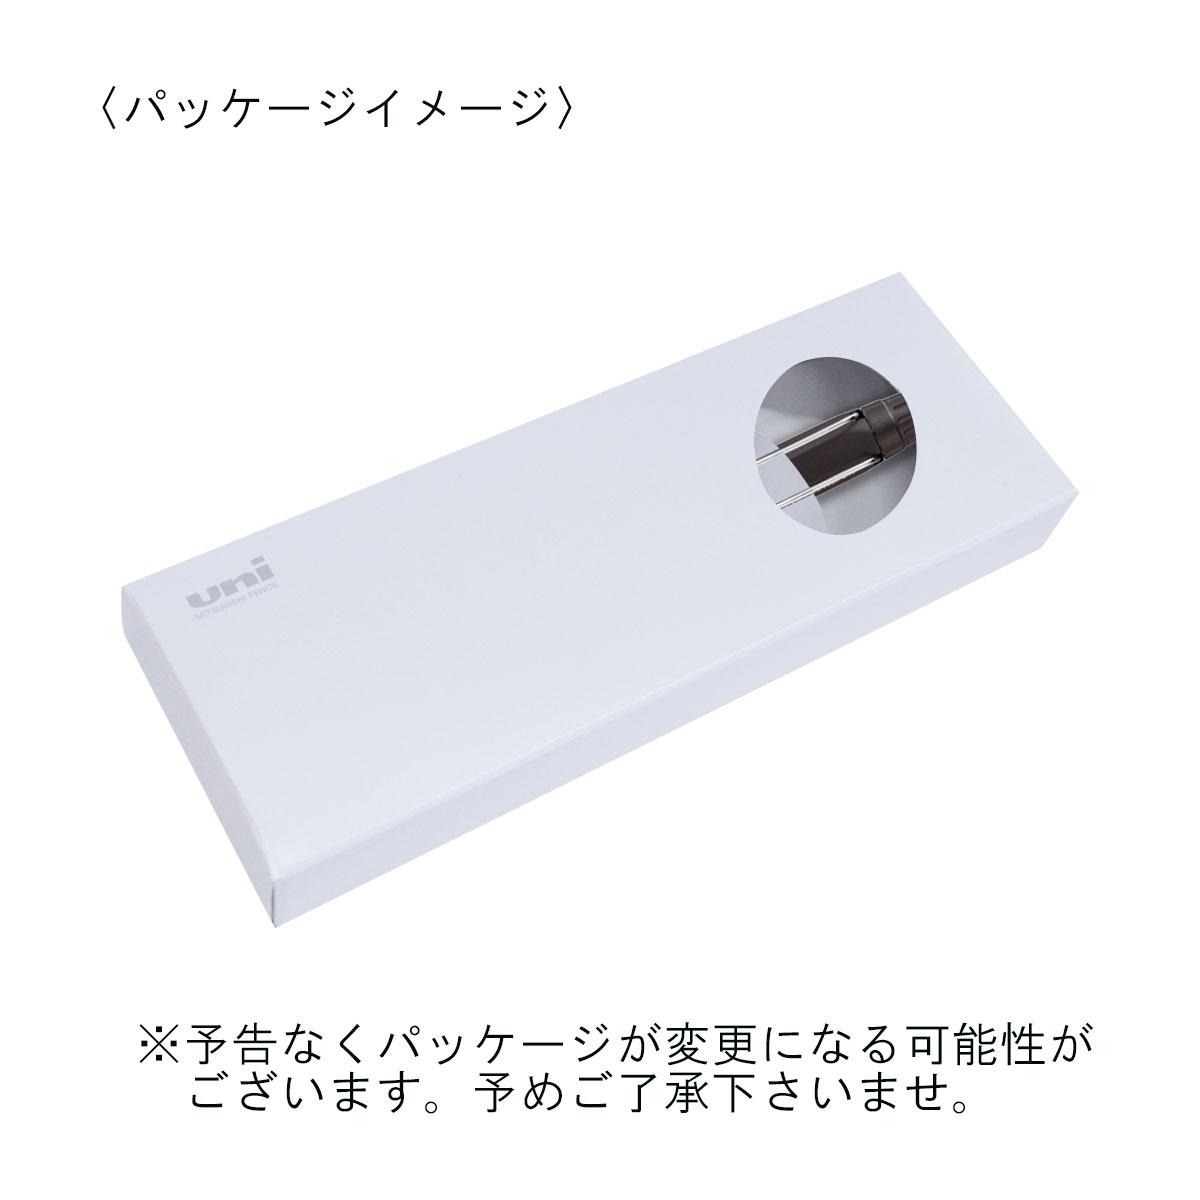 三菱鉛筆 ジェットストリームエッジ3(0.28mm) SXE3-2503-28